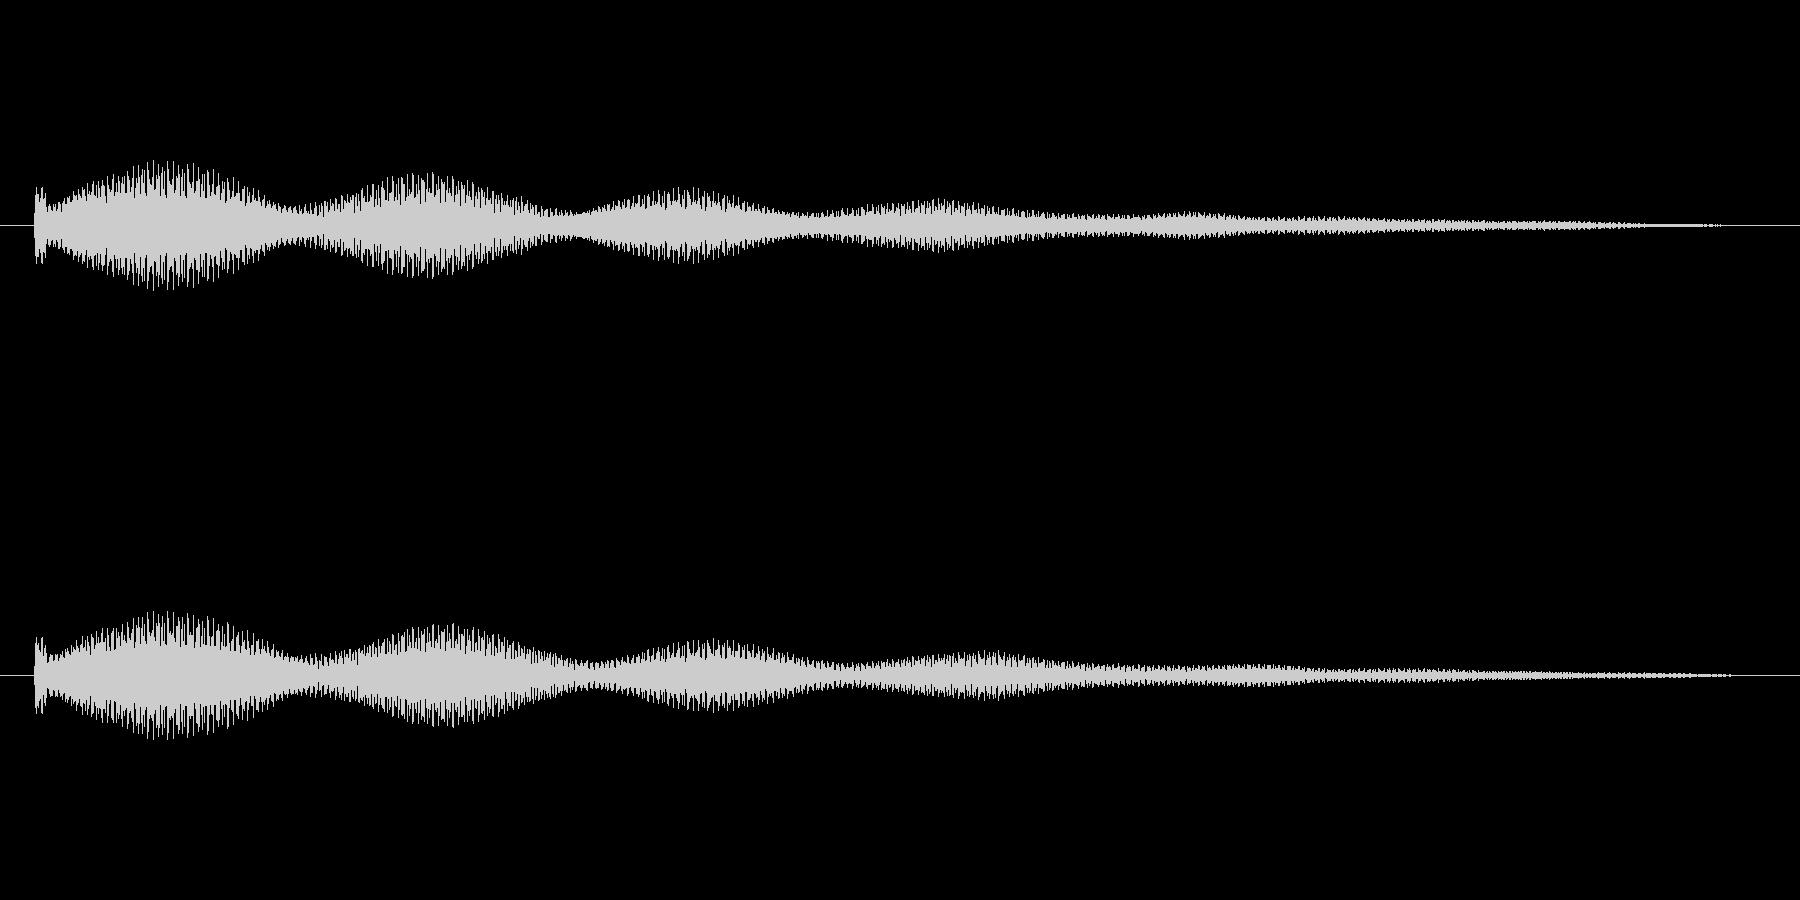 キラキラ系_101の未再生の波形